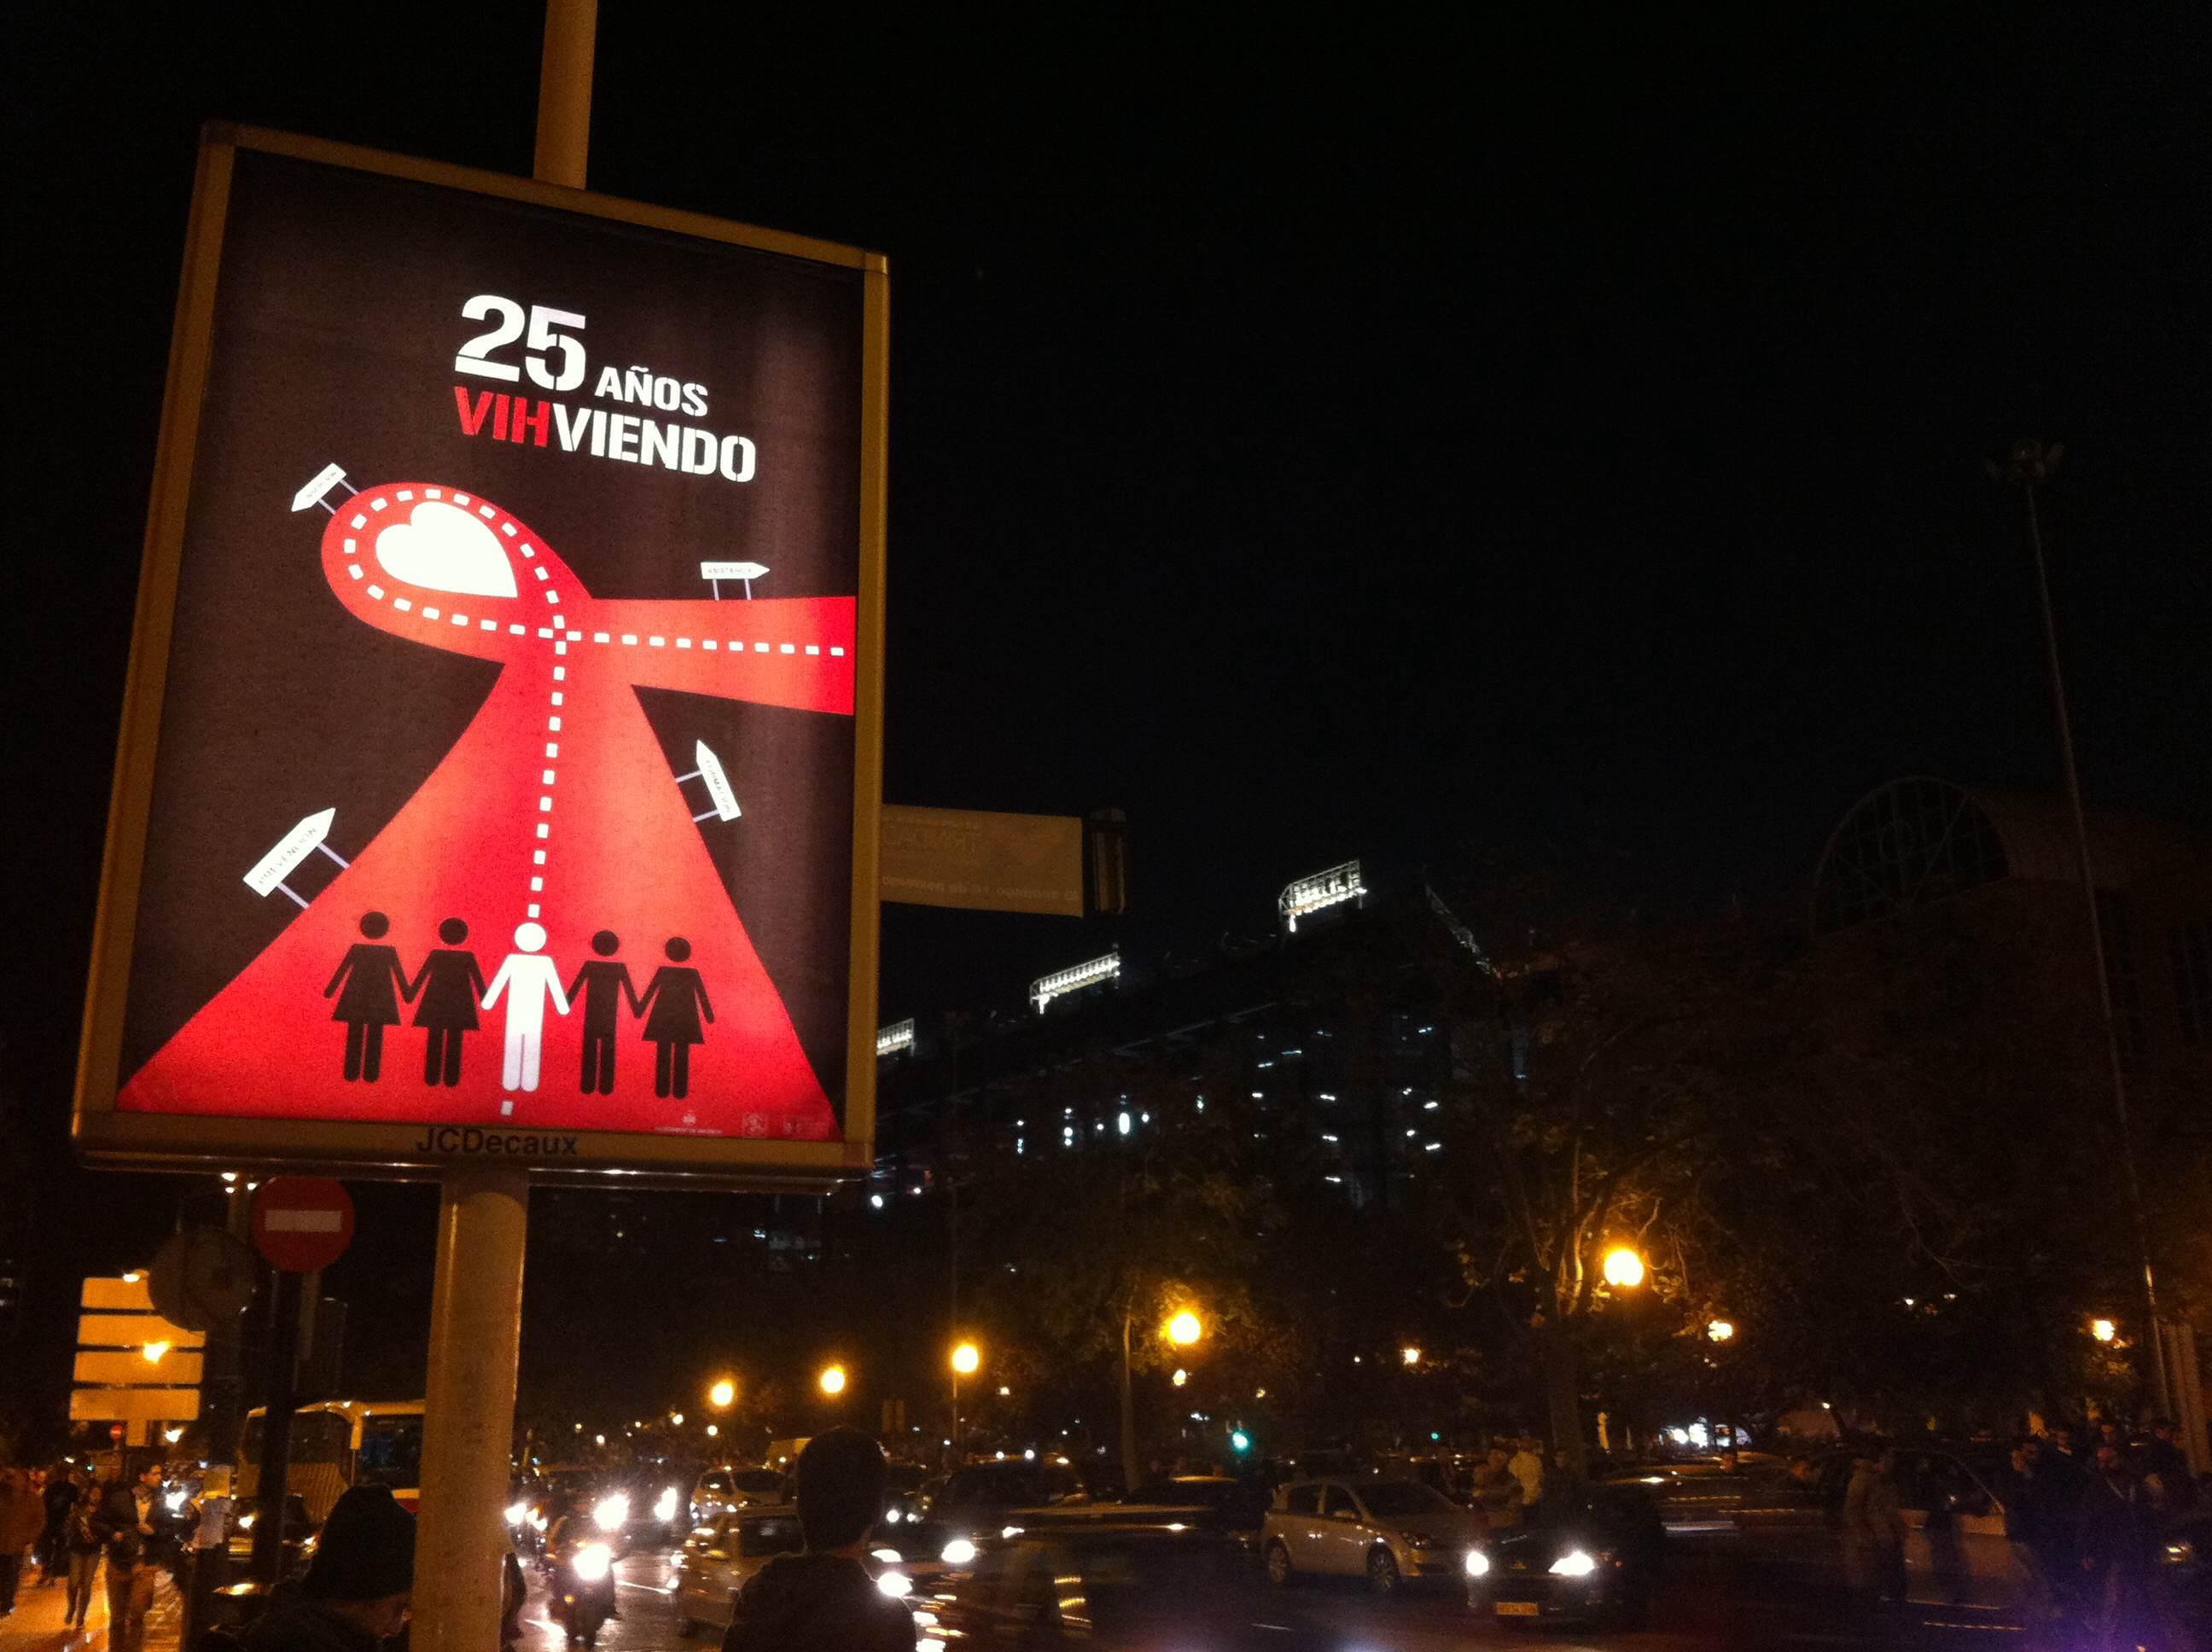 02-cartel aniversario 25 años sontra el sida